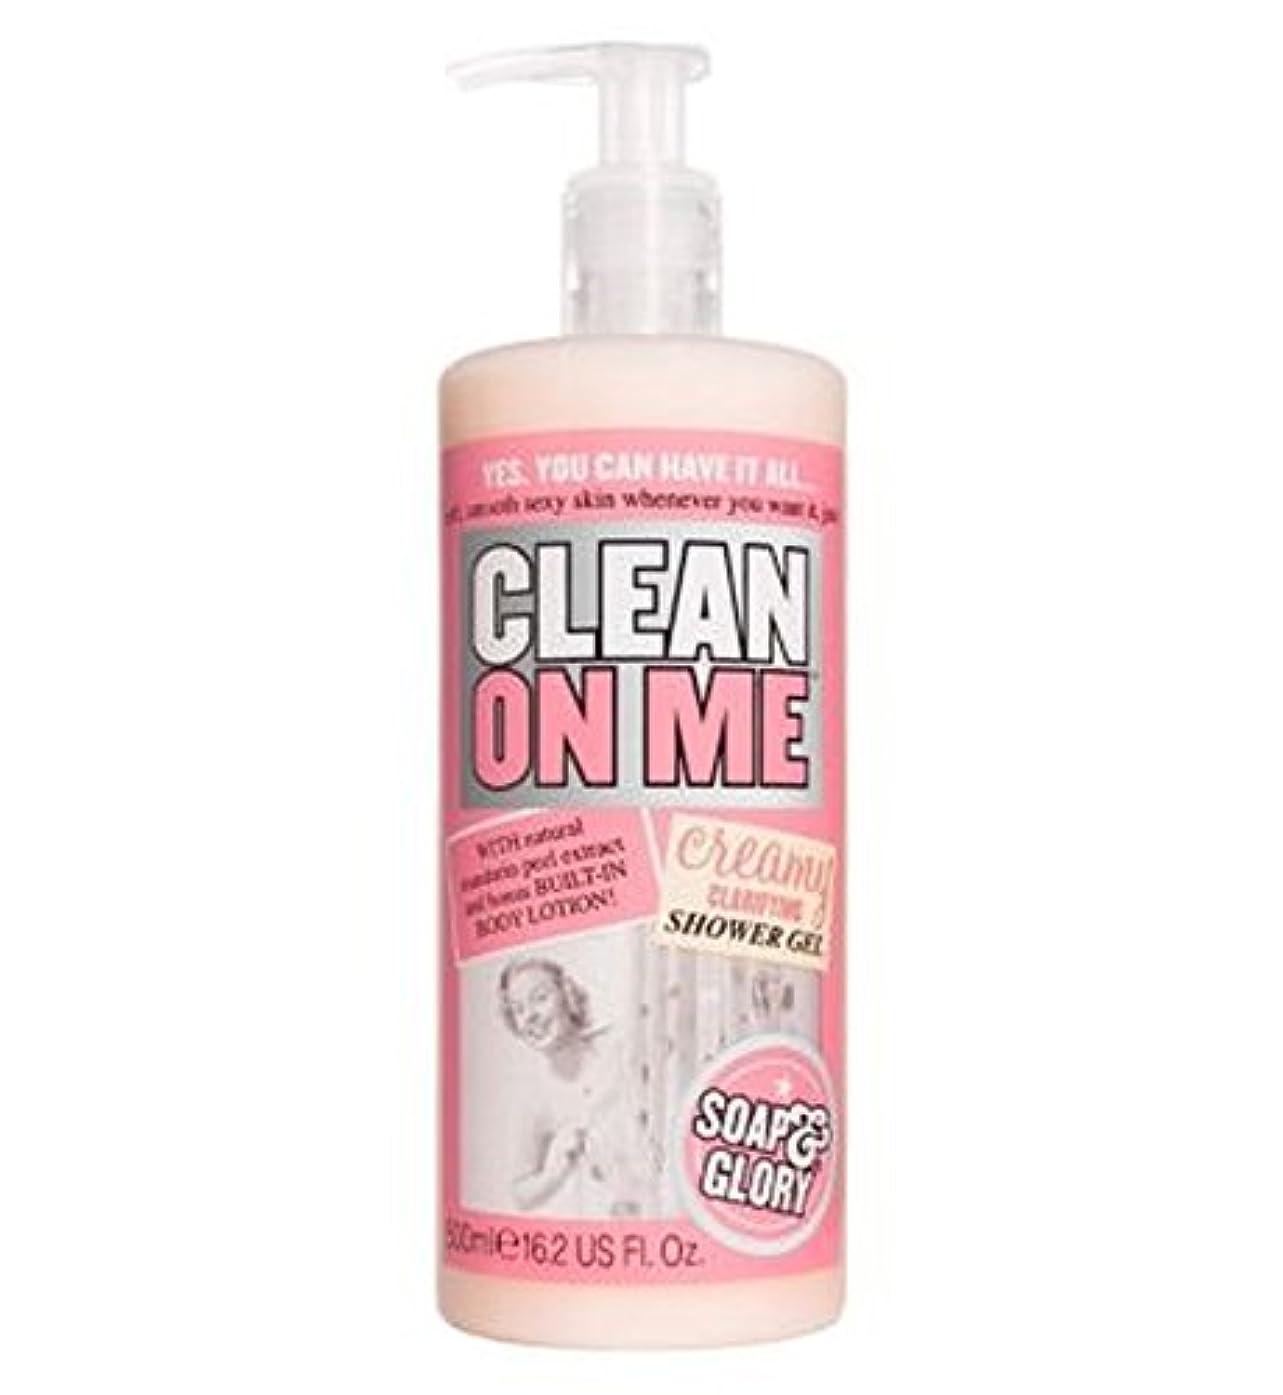 制約共役以内に私にきれいな石鹸&栄光はシャワージェル500ミリリットルを明確にクリーミー (Soap & Glory) (x2) - Soap & Glory Clean On Me Creamy Clarifying Shower Gel 500ml (Pack of 2) [並行輸入品]